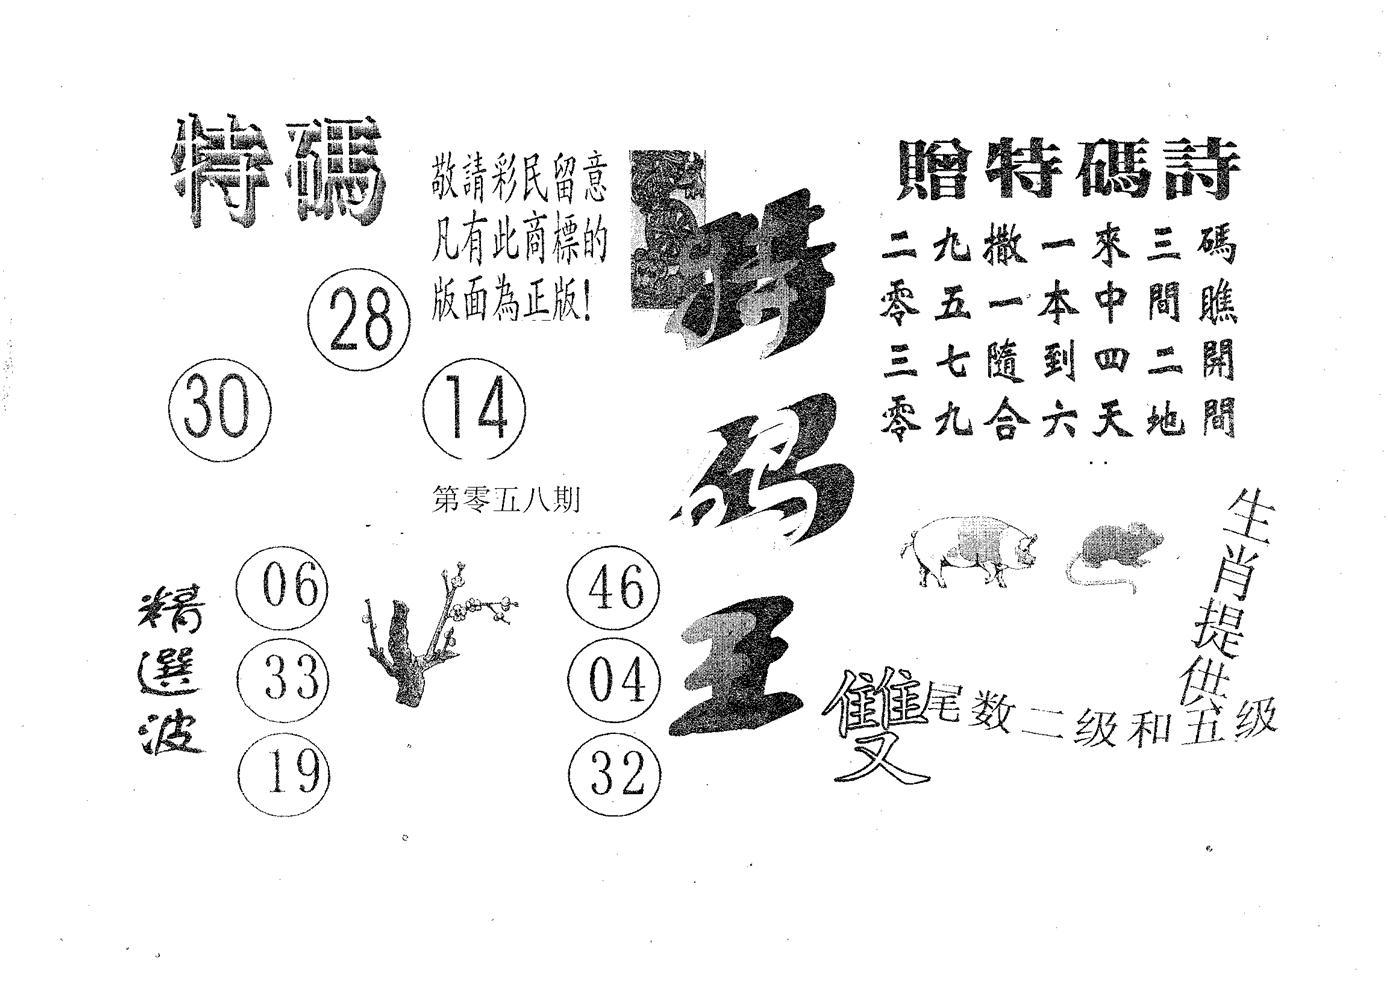 058期特码王A(黑白)